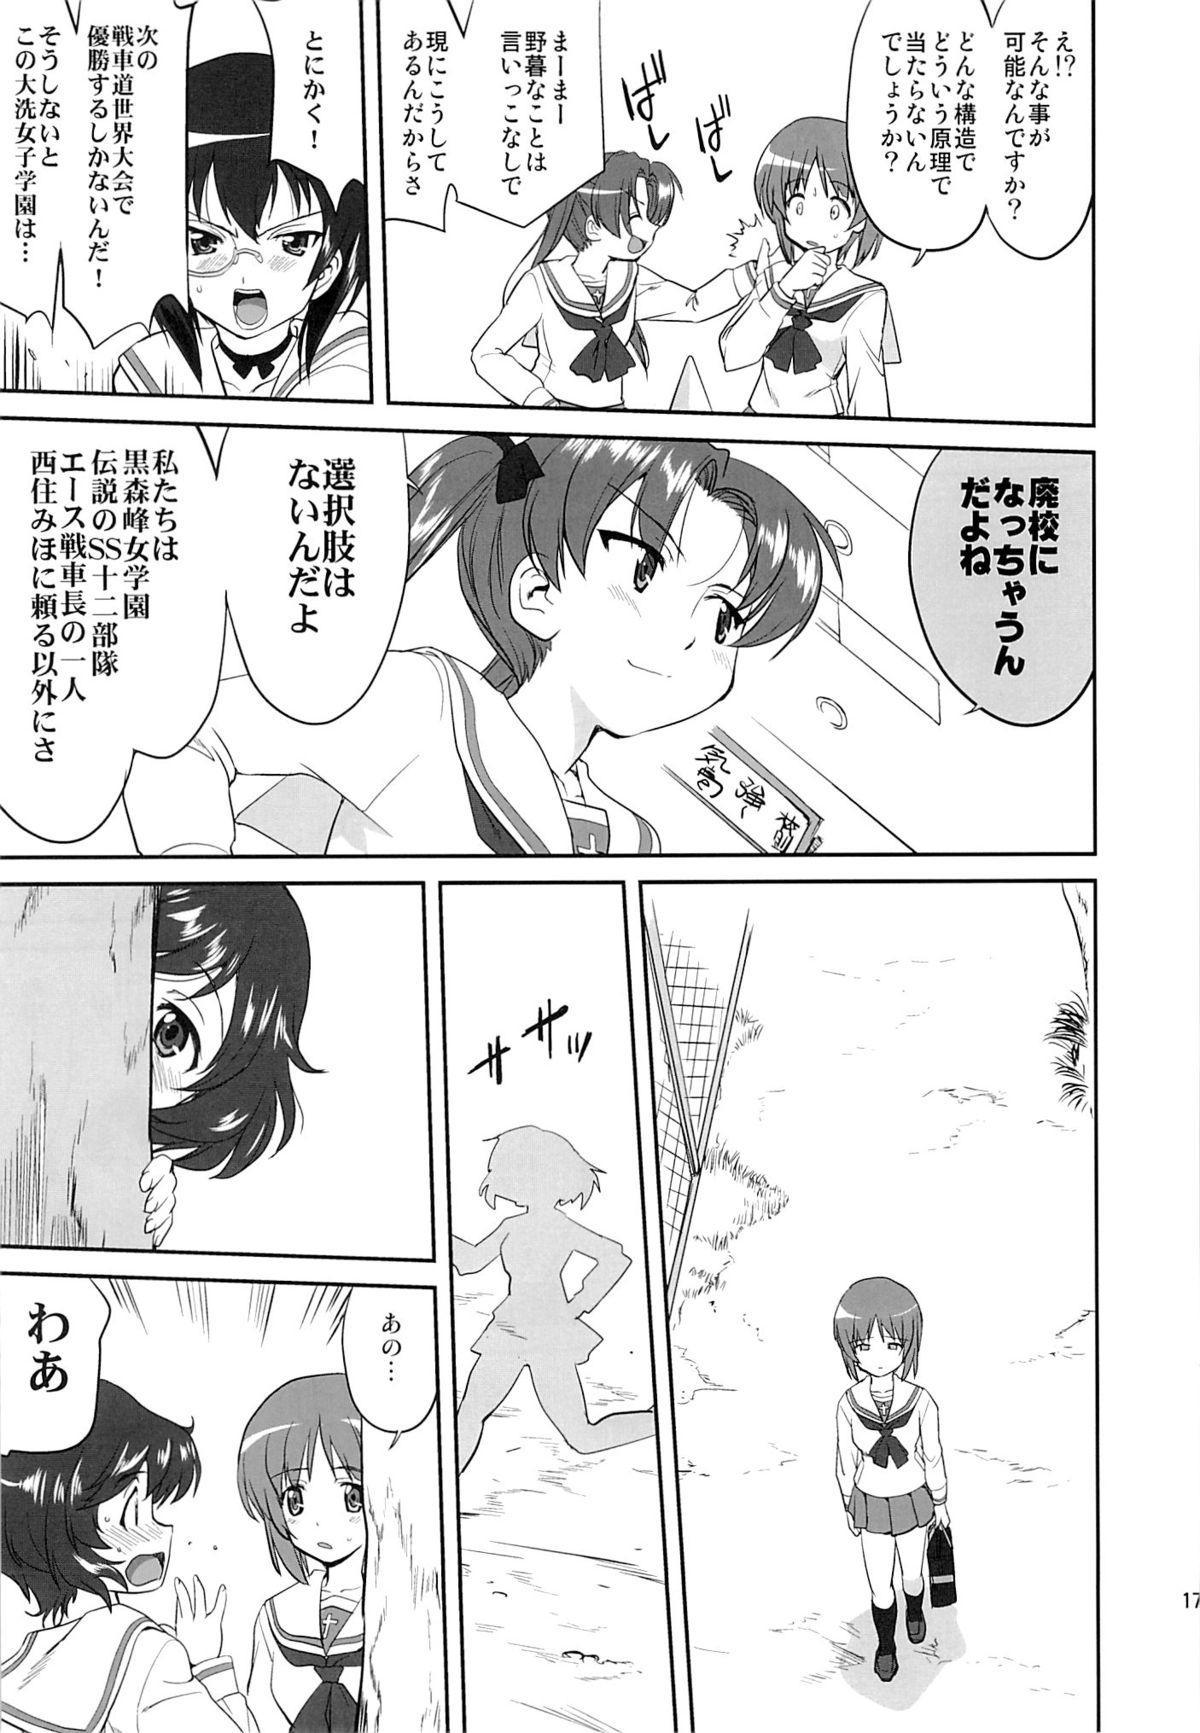 Yukiyukite Senshadou 13